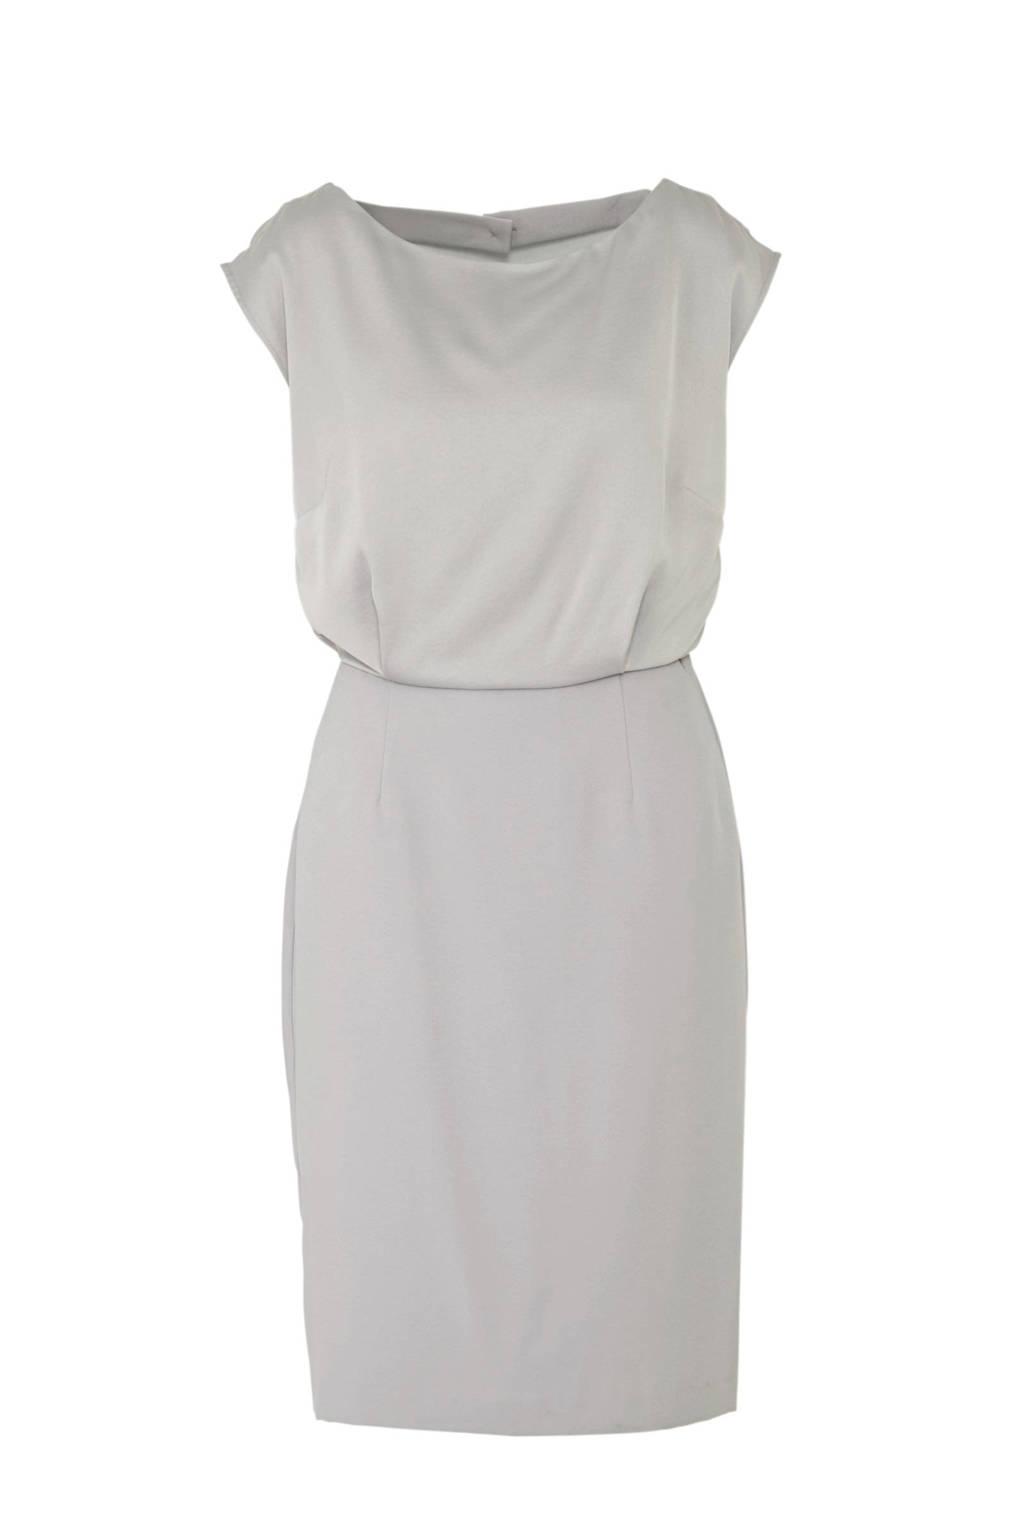 C&A Yessica jurk met open achterkant grijs, Grijs